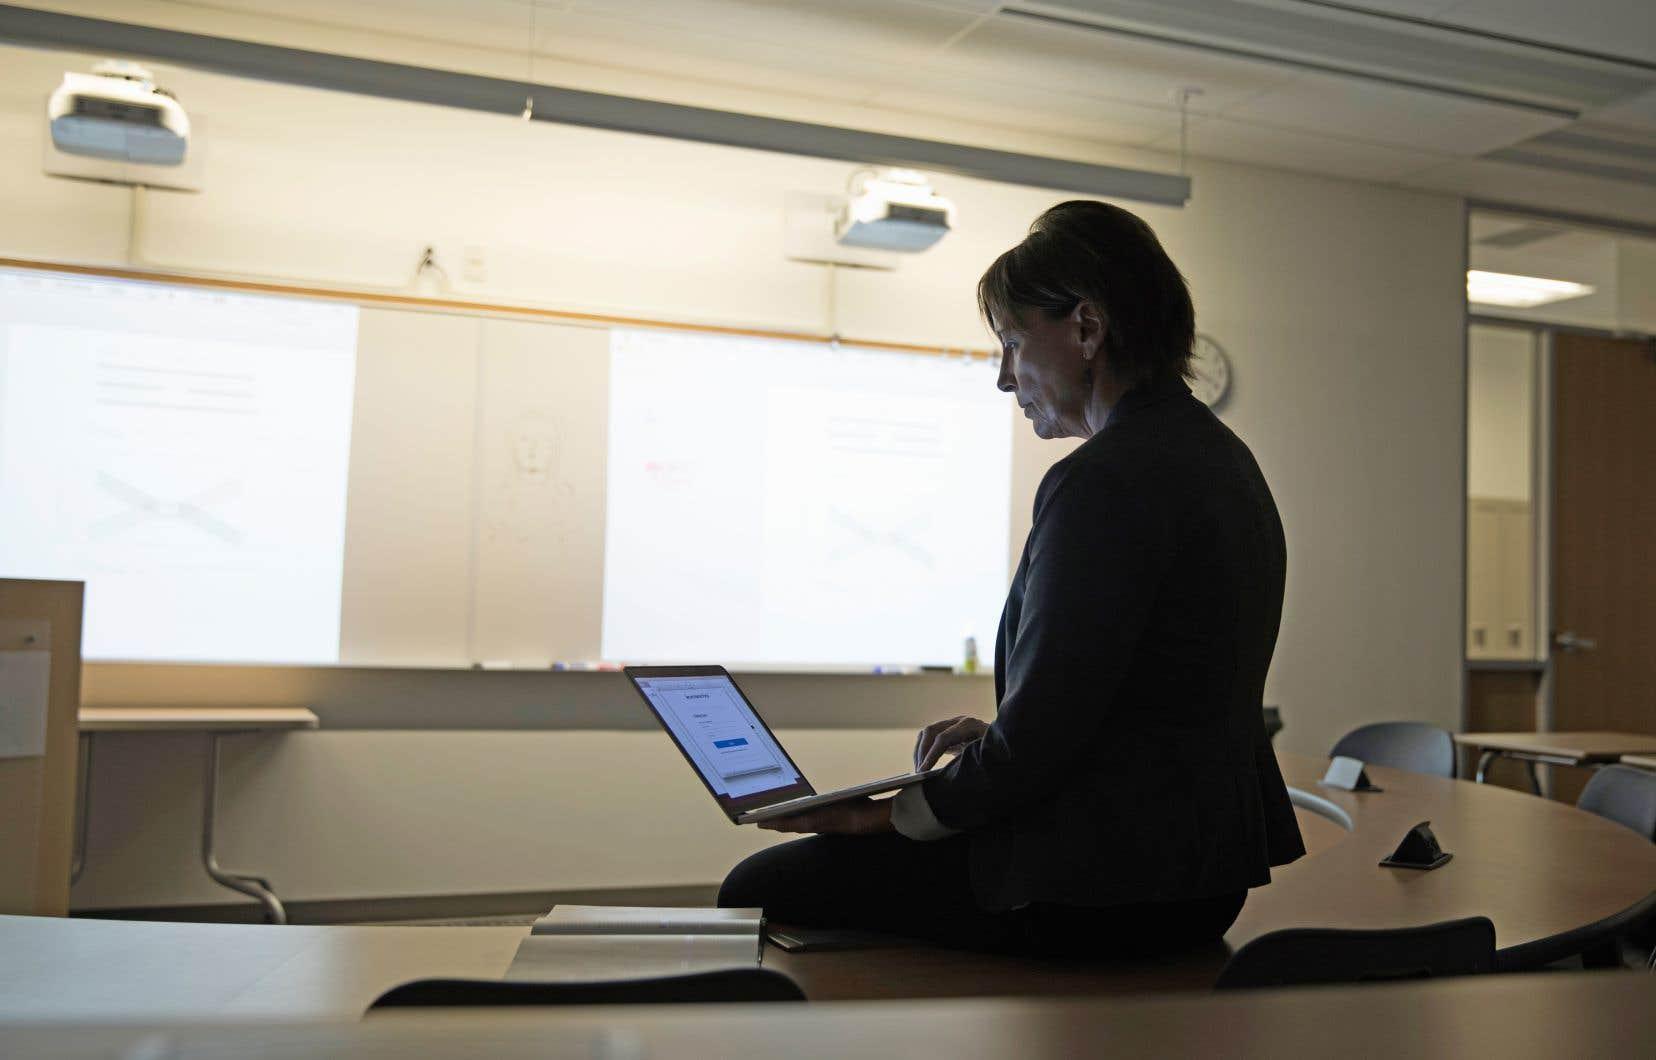 Parmi les chargés de cours ayant participé à l'étude, 87% estiment que leur emploi a eu des répercussions négatives sur leur santé mentale, caractérisé notamment par l'anxiété chronique.